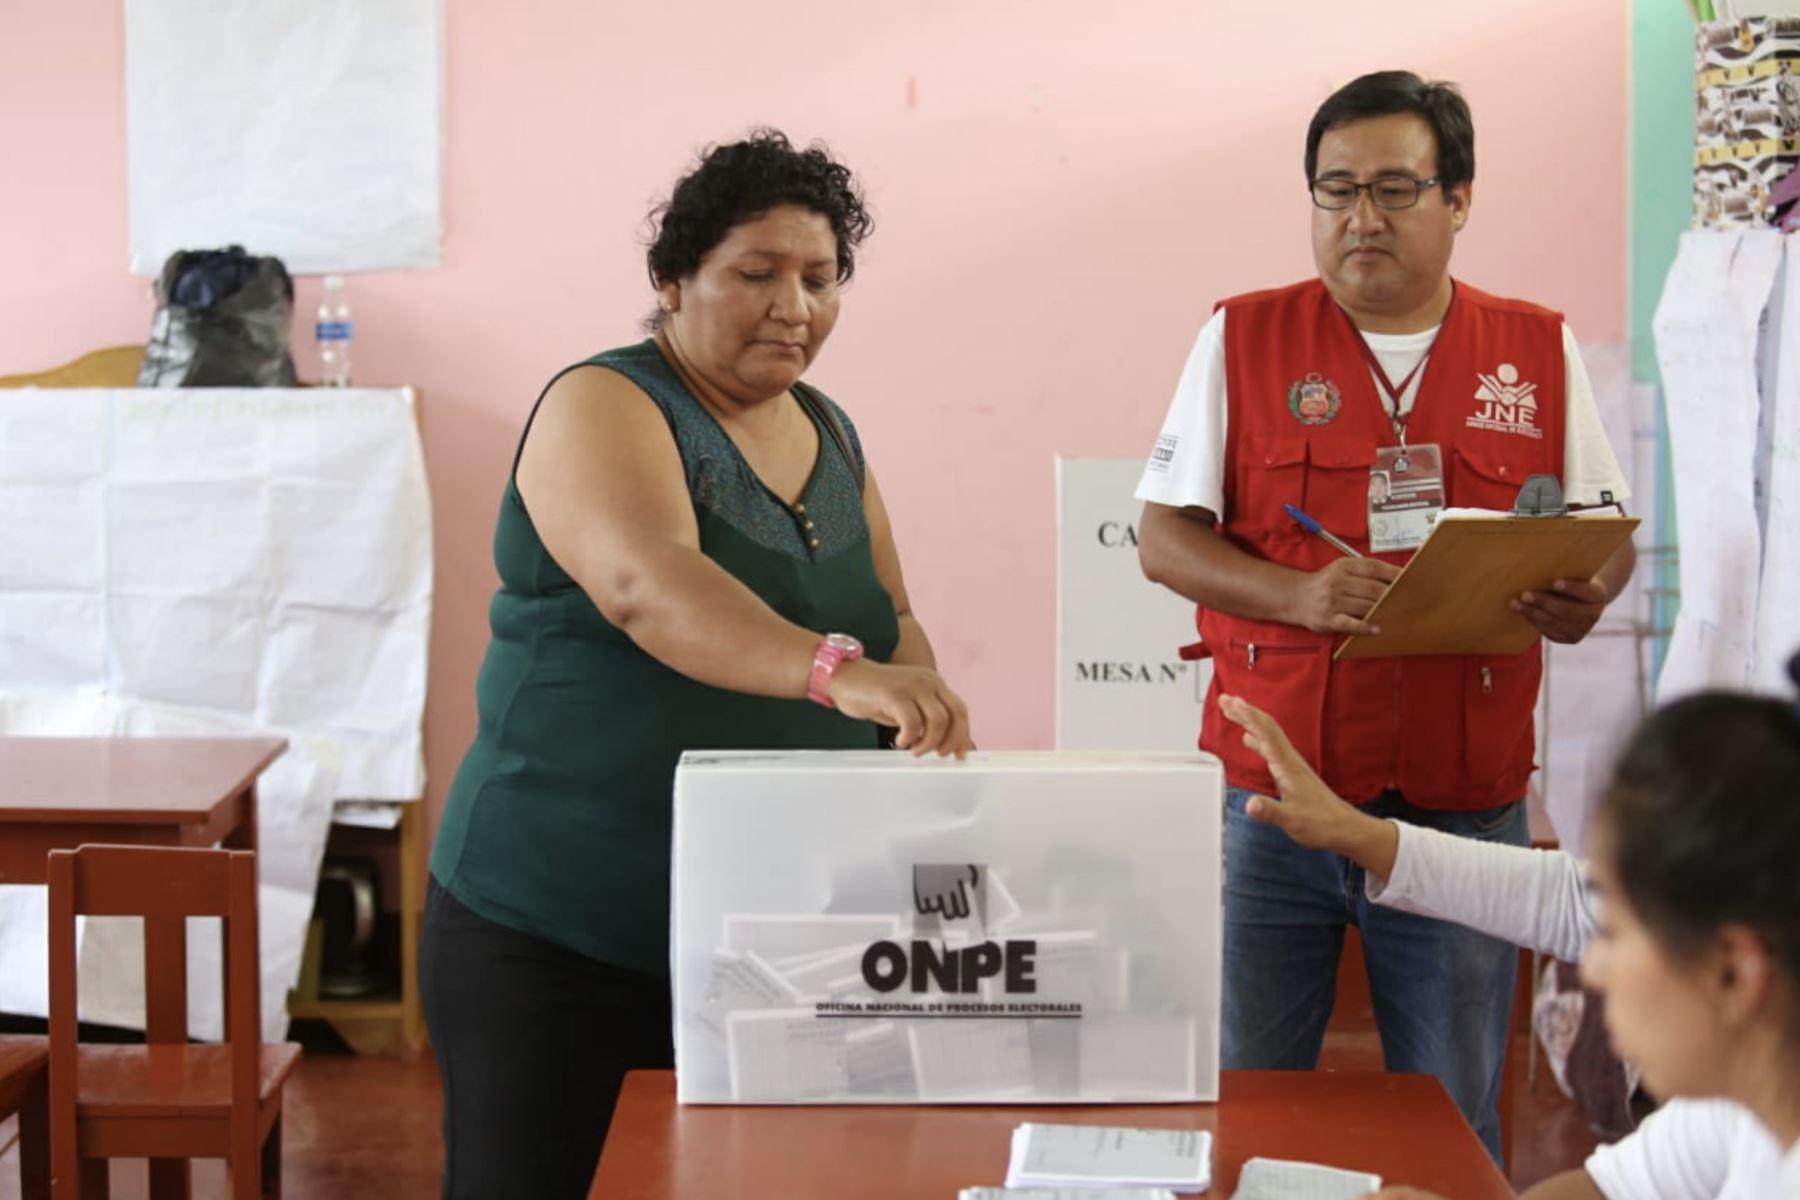 Personal del JNE fiscalizó la jornada electoral de hoy en Aramango (Bagua, Amazonas), así como en otros 11 distritos del país, en el marco de las Elecciones Municipales Complementarias 2019. Foto: JNE.